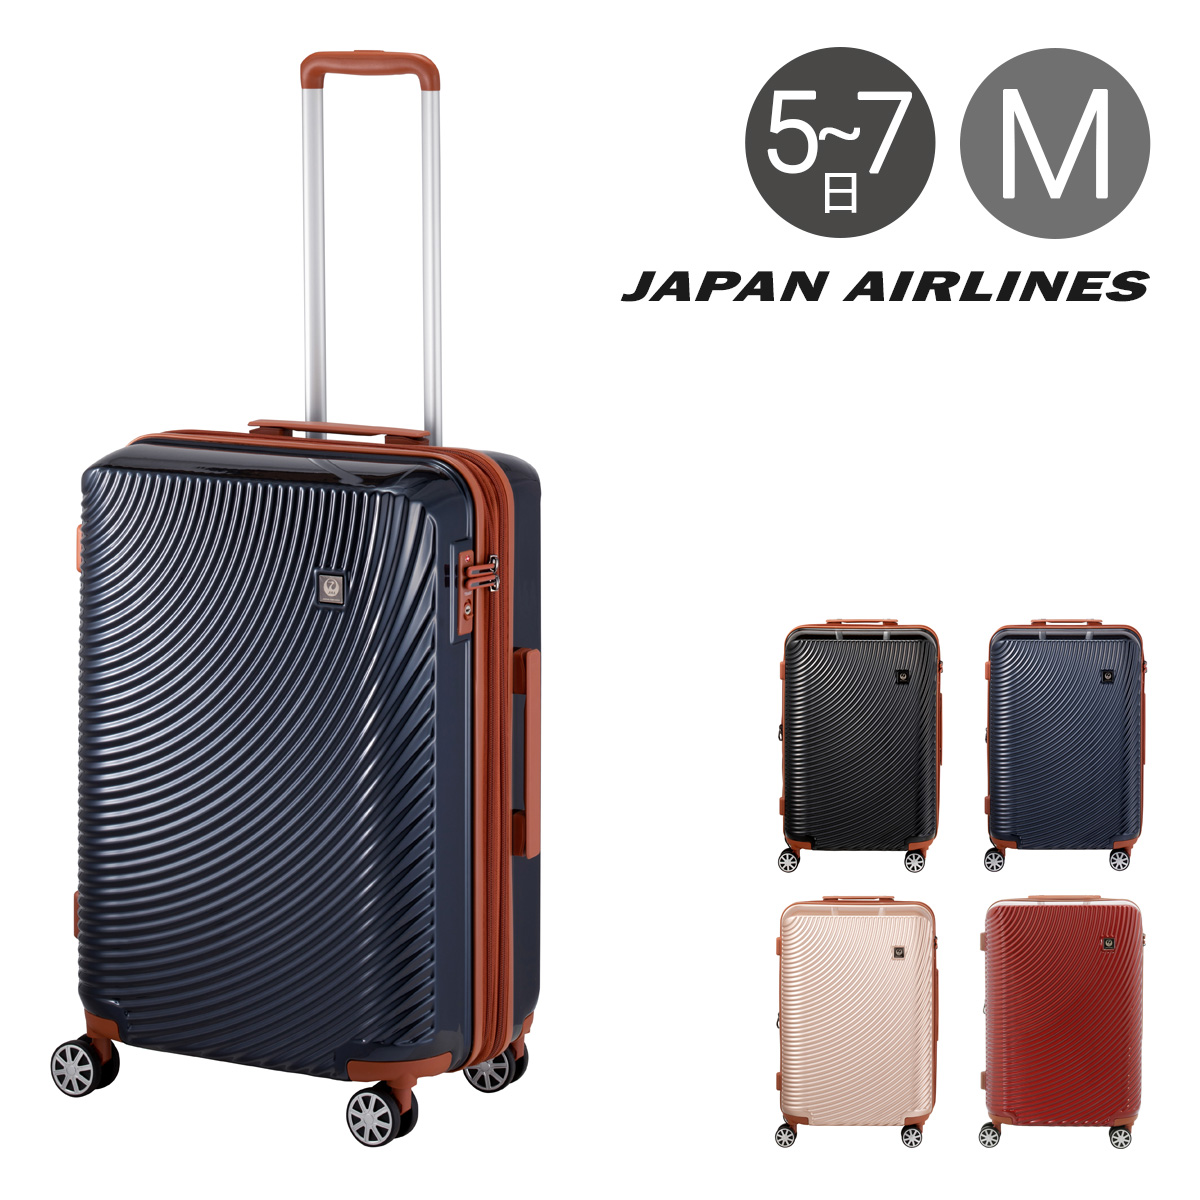 スーツケース 65L 58cm 3.6kg 601-58|4輪 JAL 軽量 拡張 ハード ファスナー TSAロック おしゃれ|キャリーバッグ キャリーケース|ジャル ジャパンエアライン [PO10][bef]